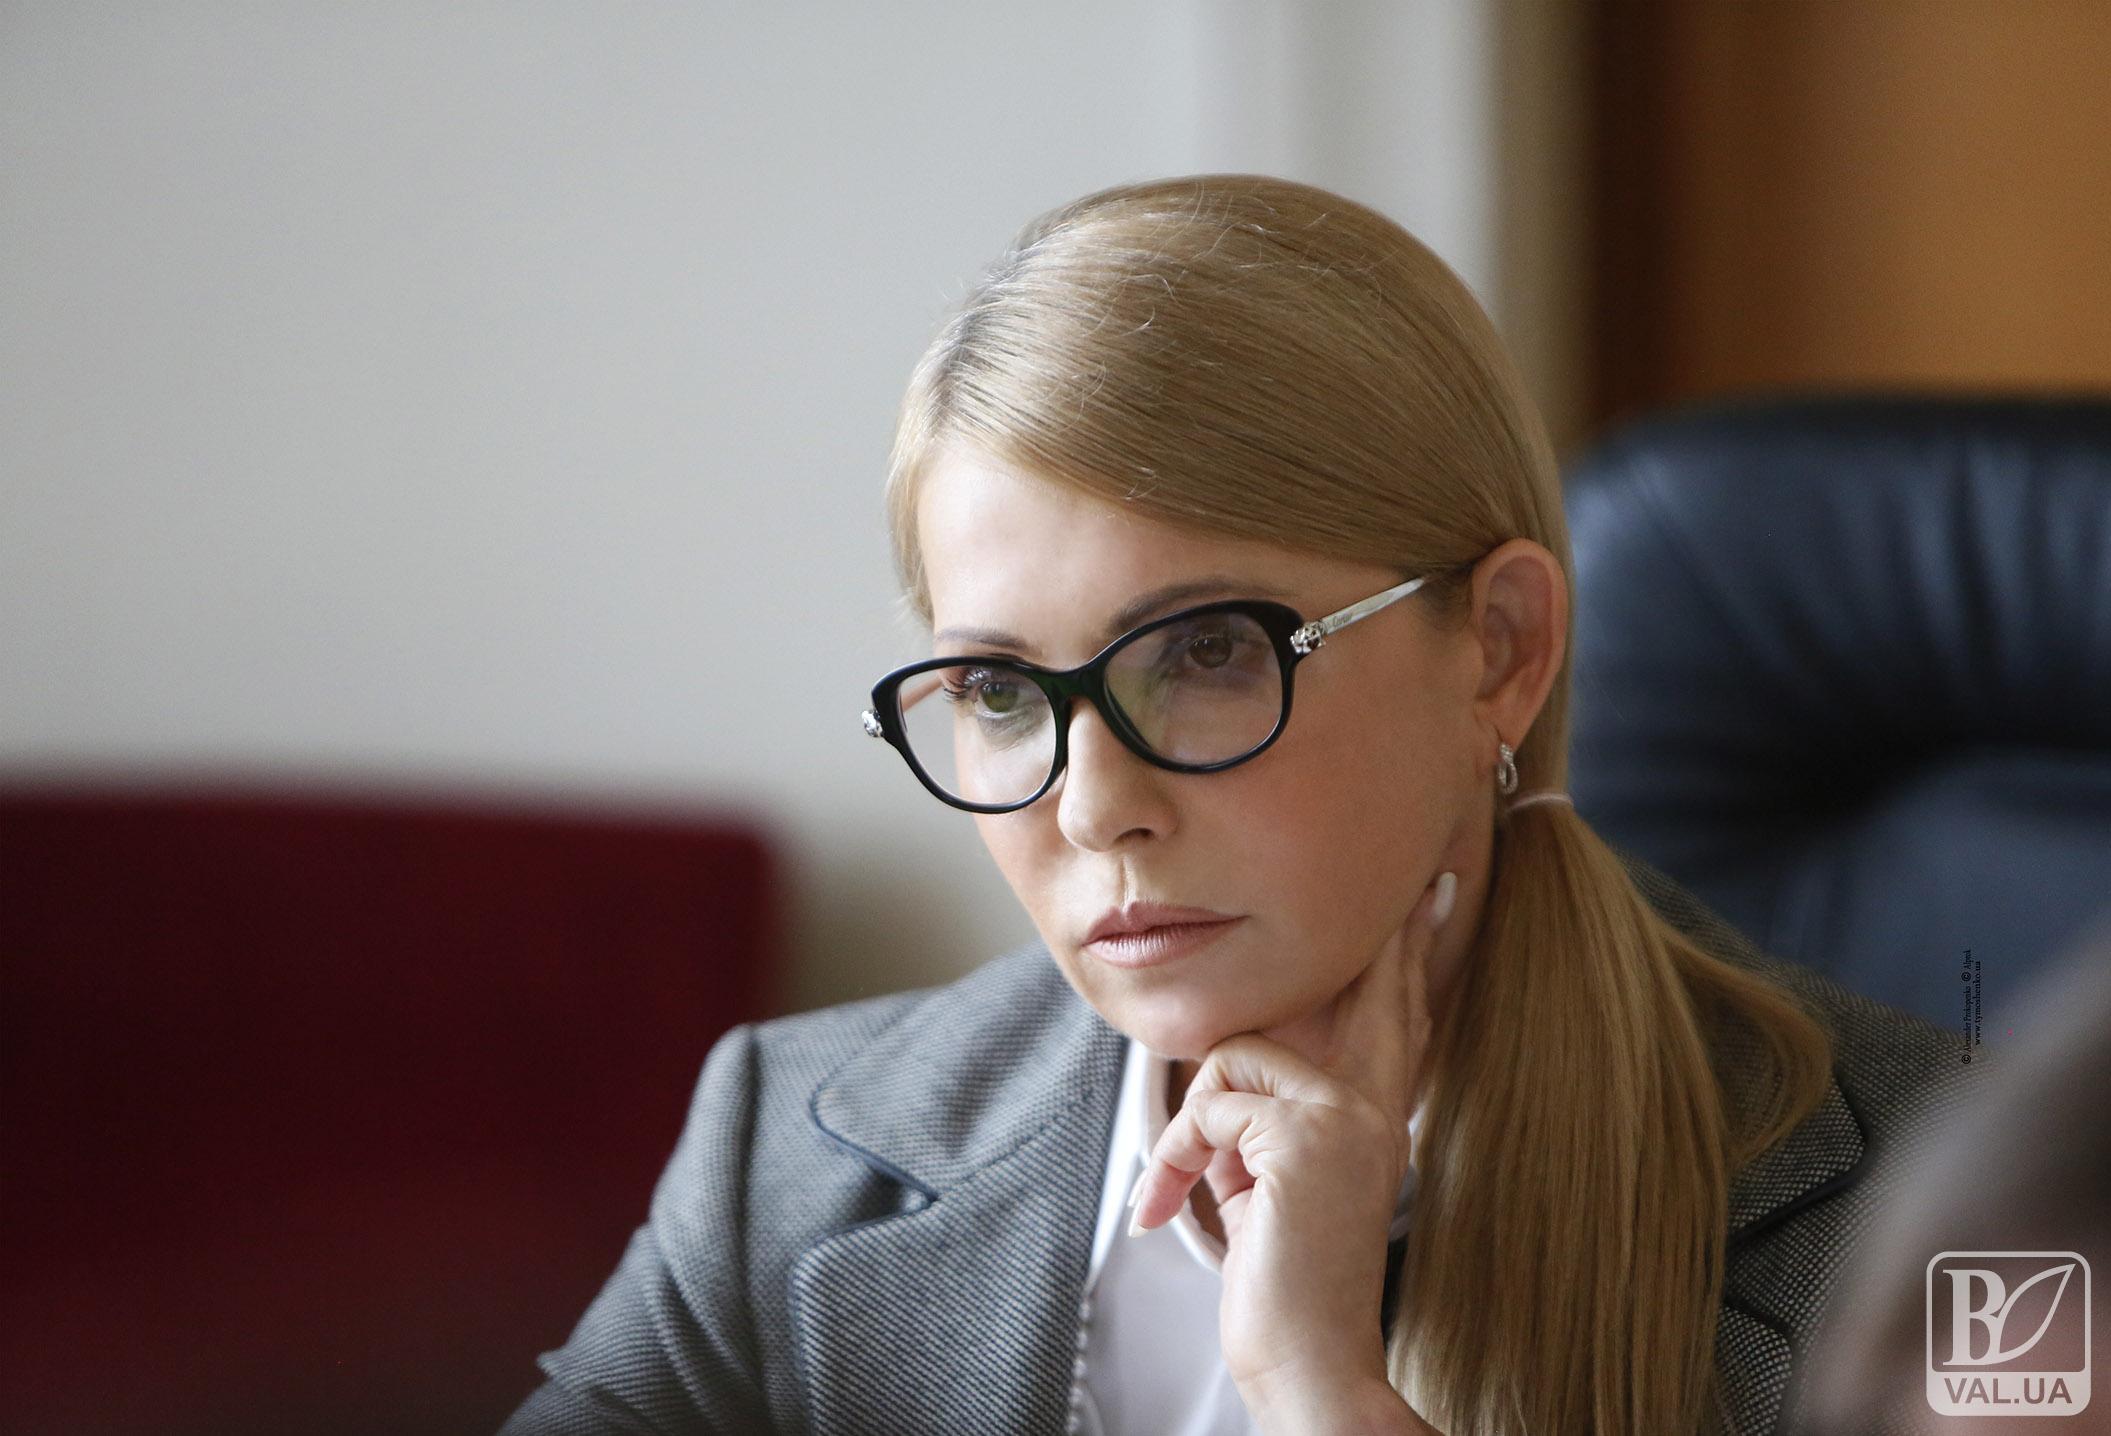 Українці об'єднуються навколо Тимошенко – свіжа соціологія